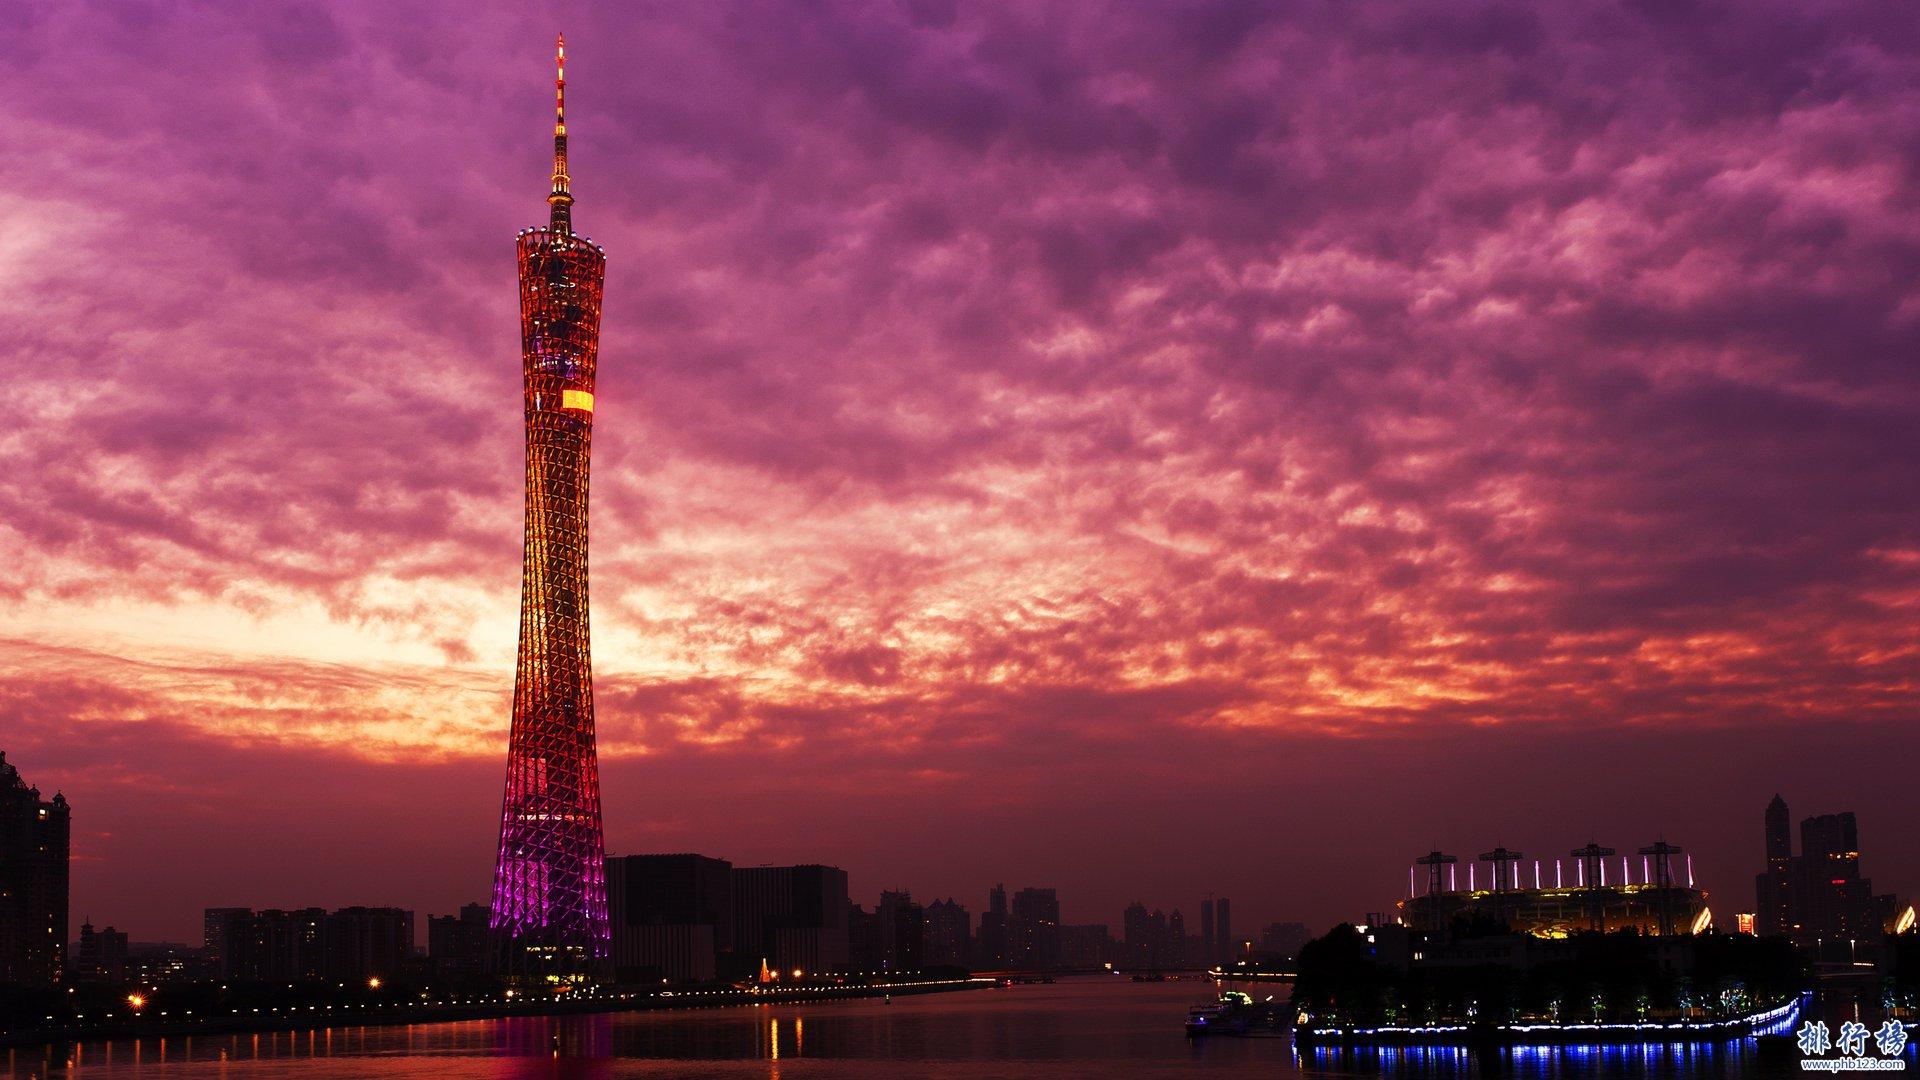 2021年7月廣州房價各區排行榜,天河區房價上漲黃浦區房價下降